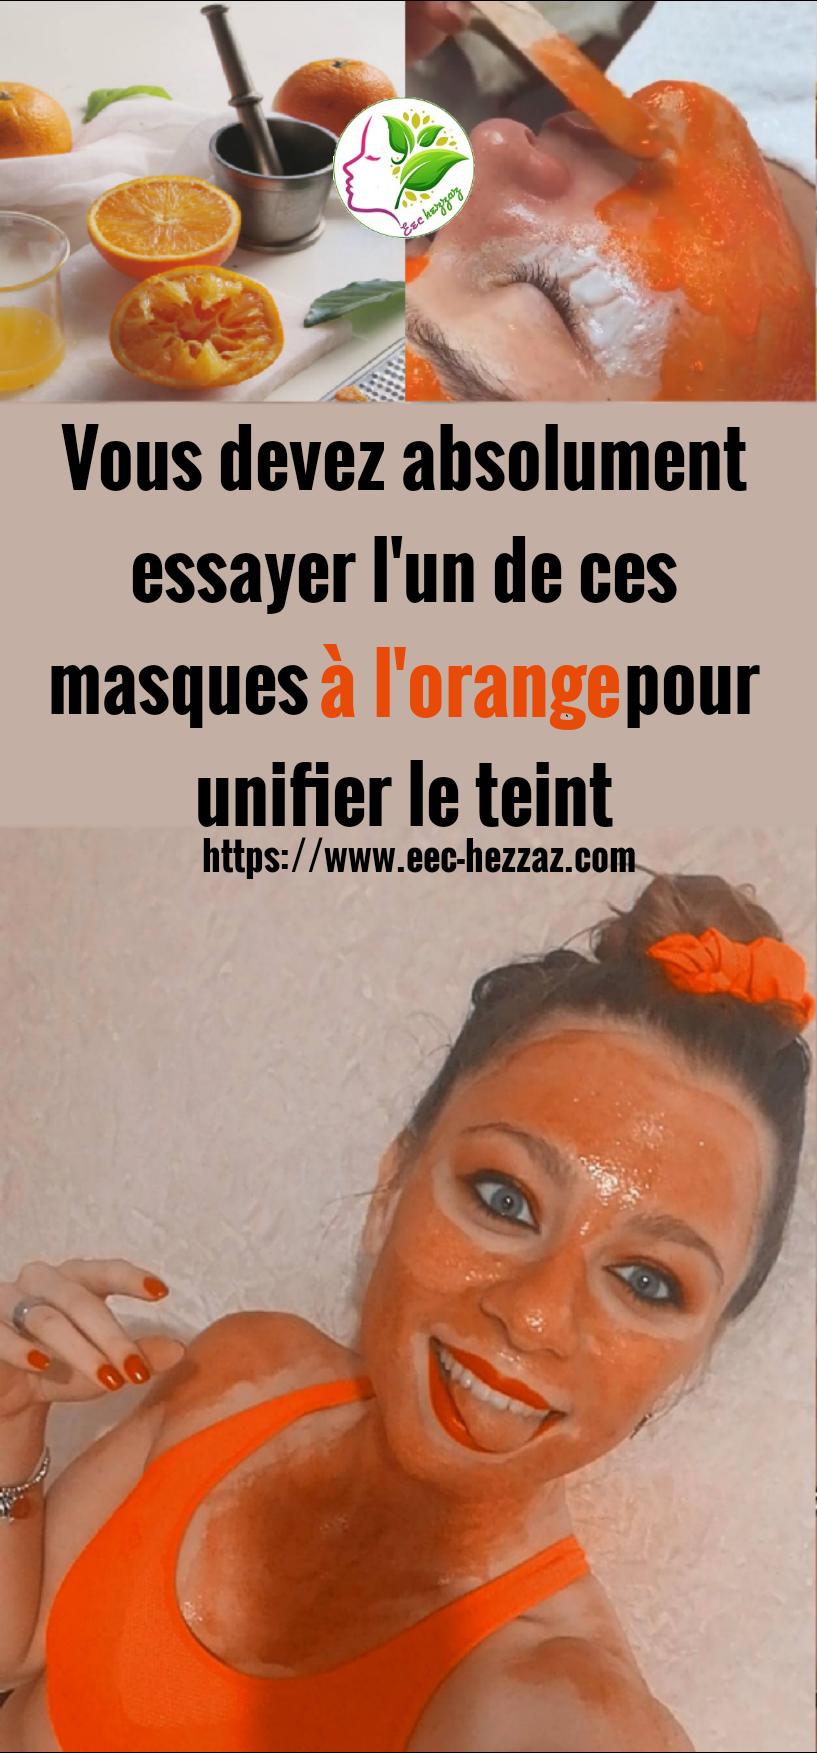 Vous devez absolument essayer l'un de ces masques à l'orange pour unifier le teint